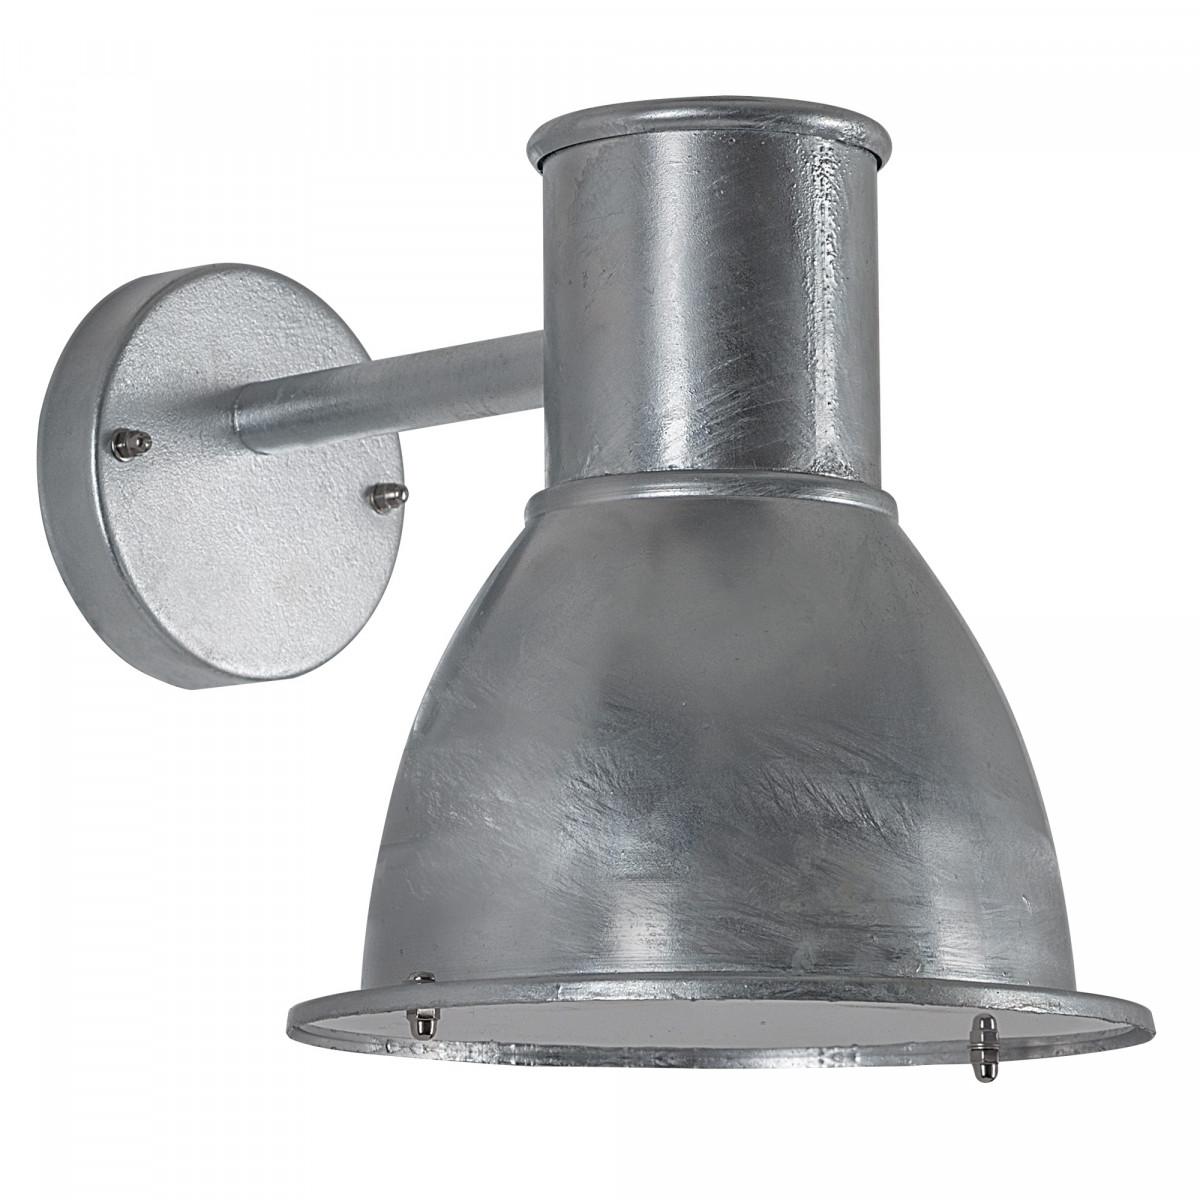 Buitenlamp Barn verzinkt staal